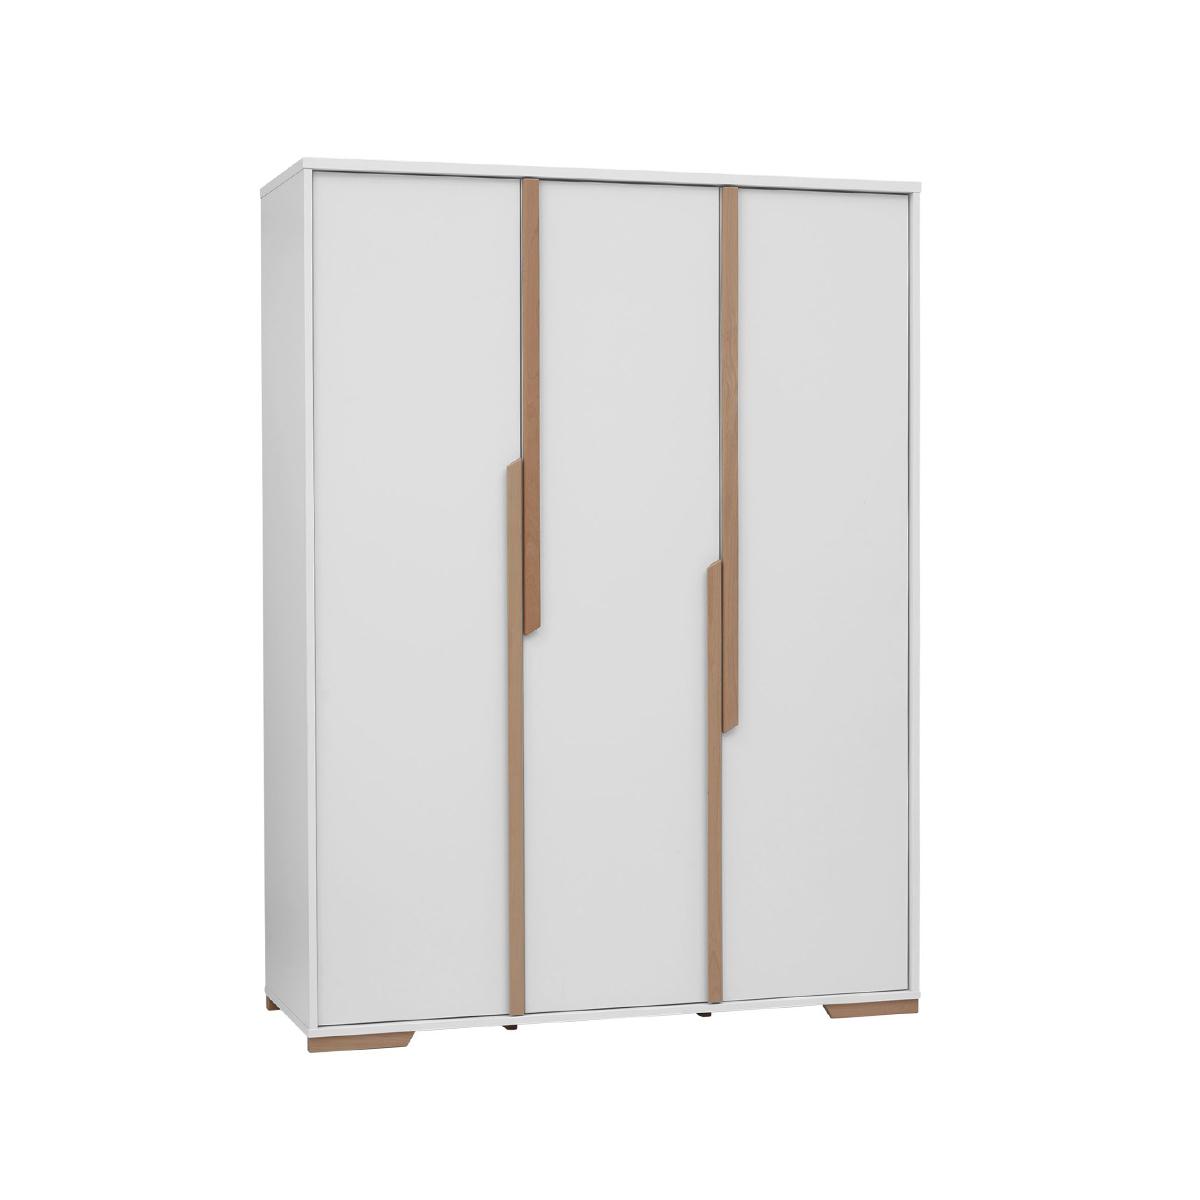 Pinio - Armoire 3 portes Snap - Blanc et bois